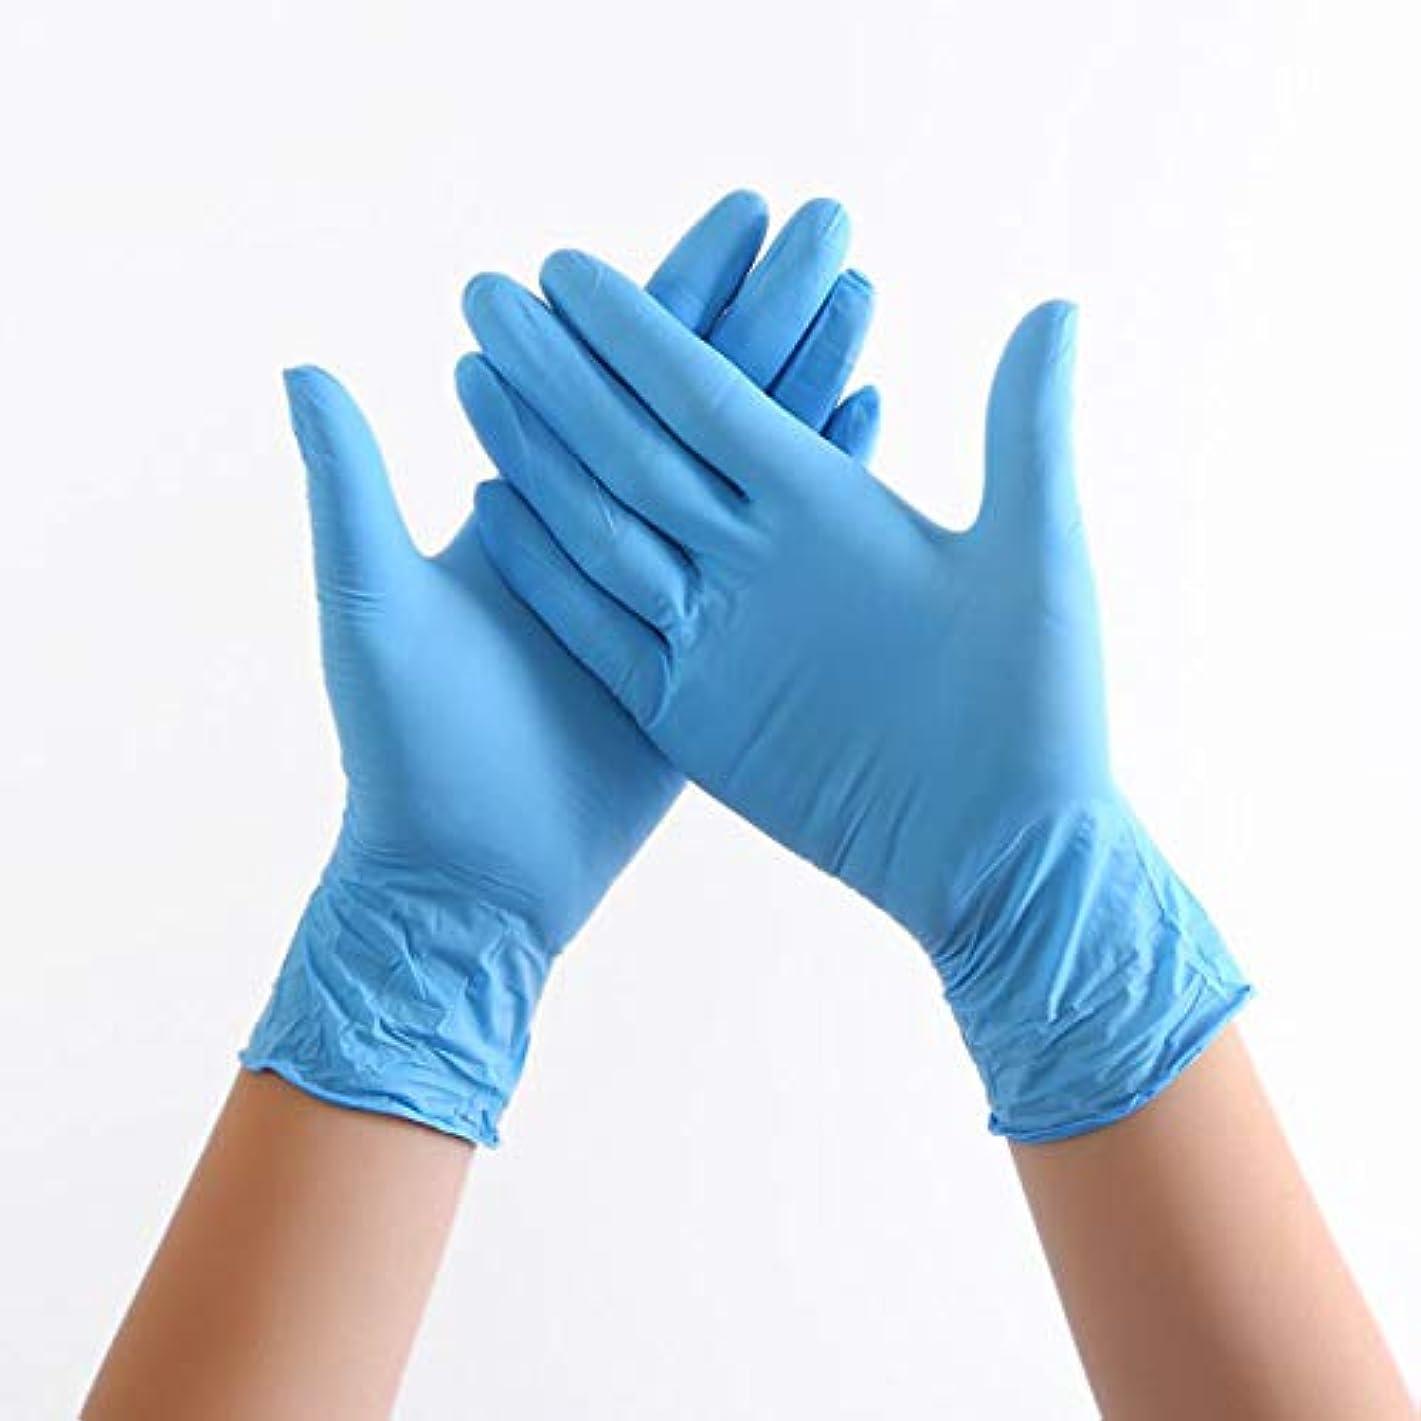 なめらかコートファームニトリルグローブ 使い捨て手袋 グローブ パウダーフリー 作業 介護 調理 炊事 園芸 掃除用,Blue100,XS